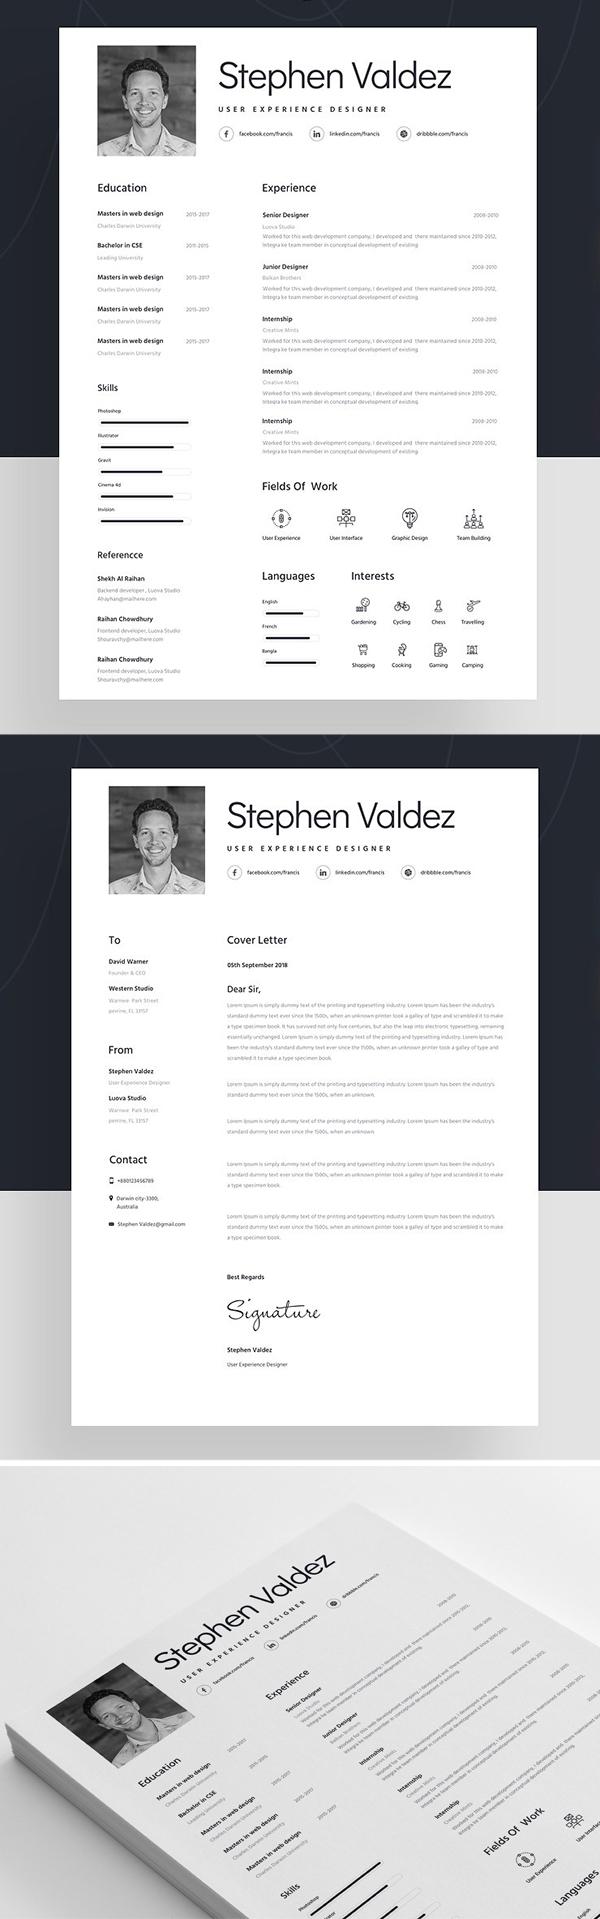 Resume Template For Designer